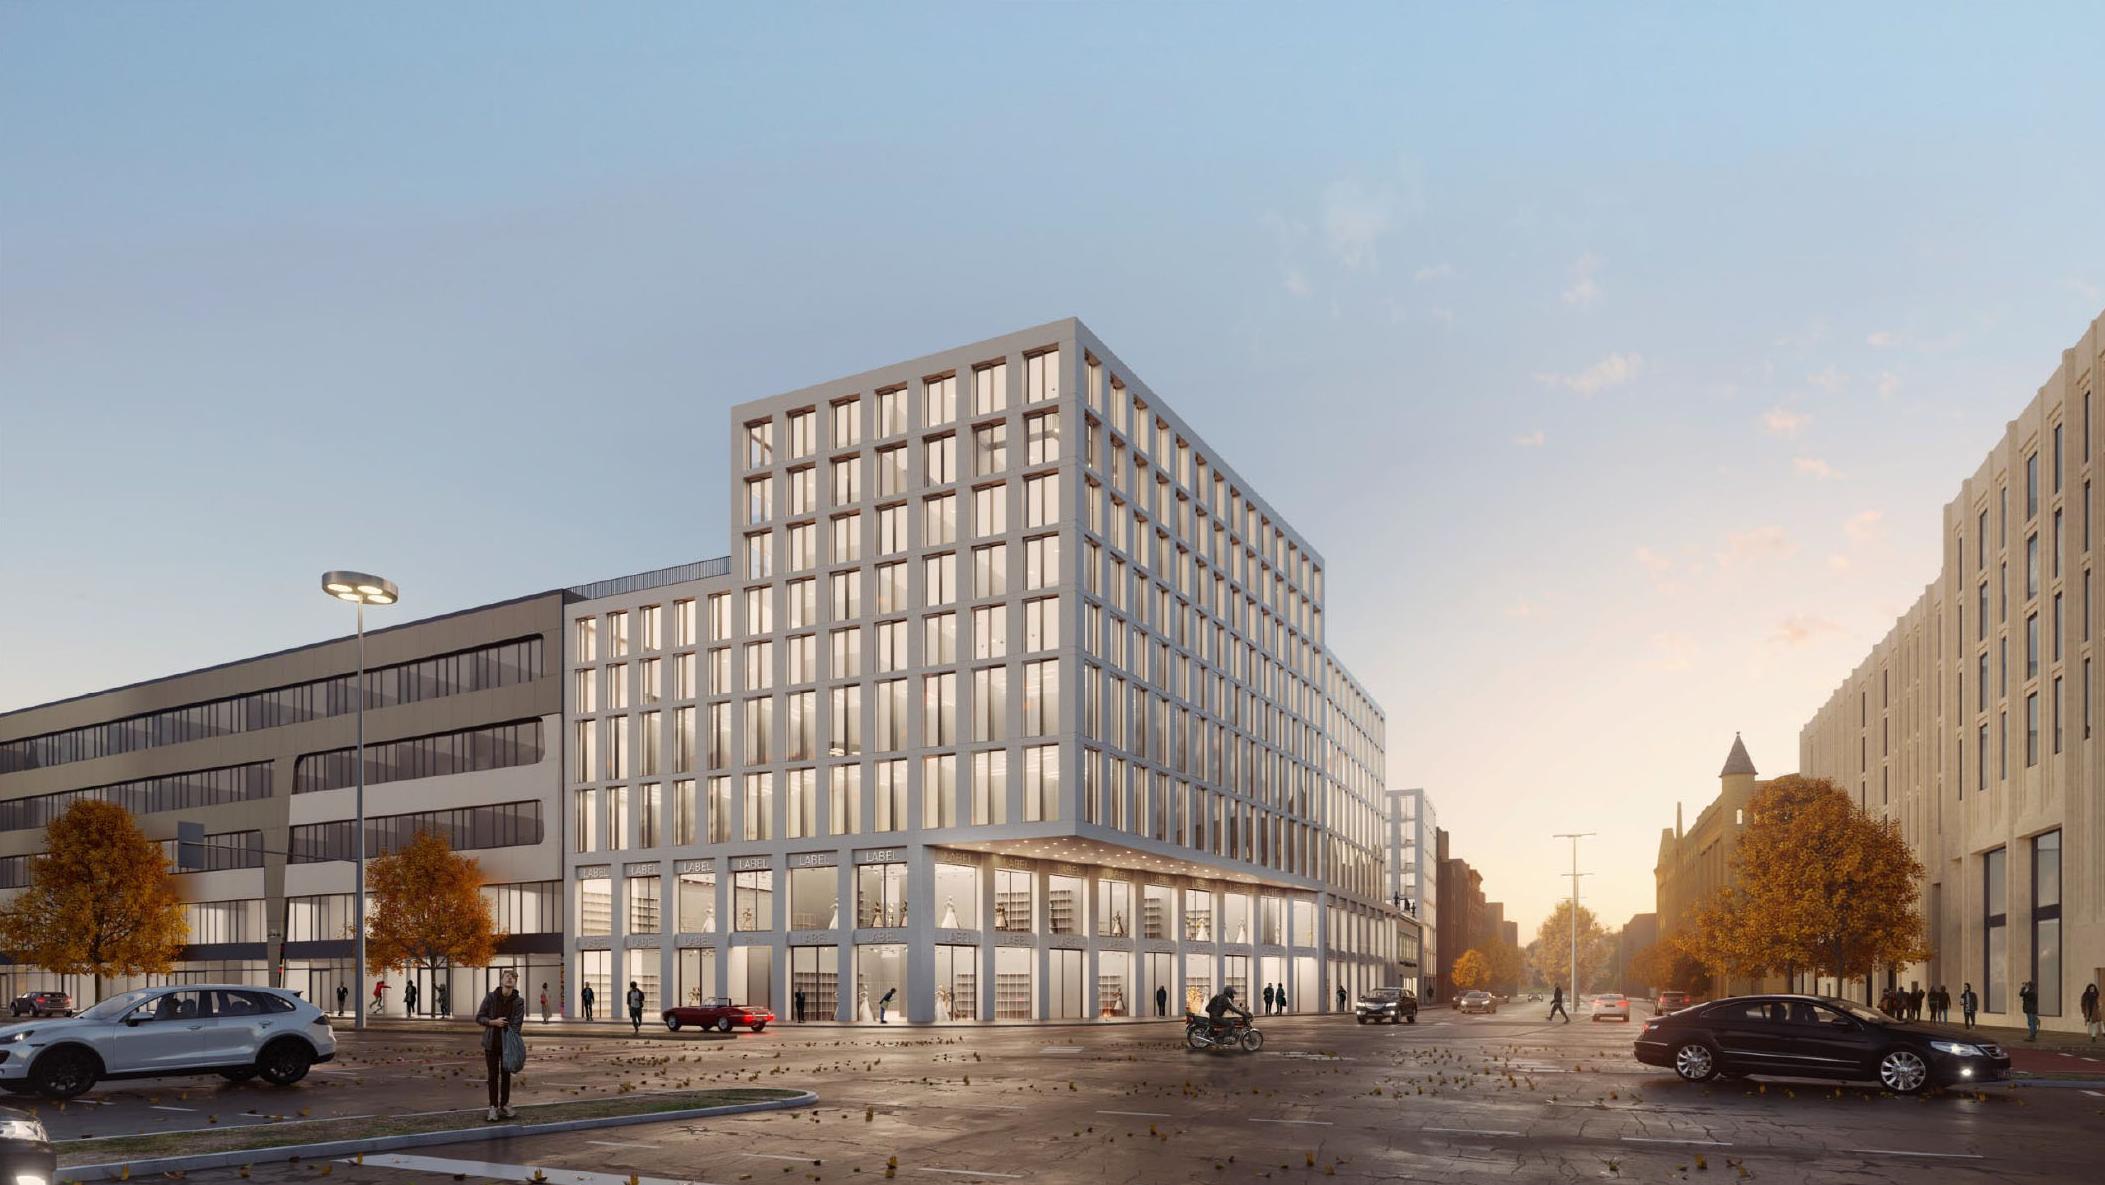 Bauvorhaben-Turmstrasse-Moabit-Stromstrasse.png